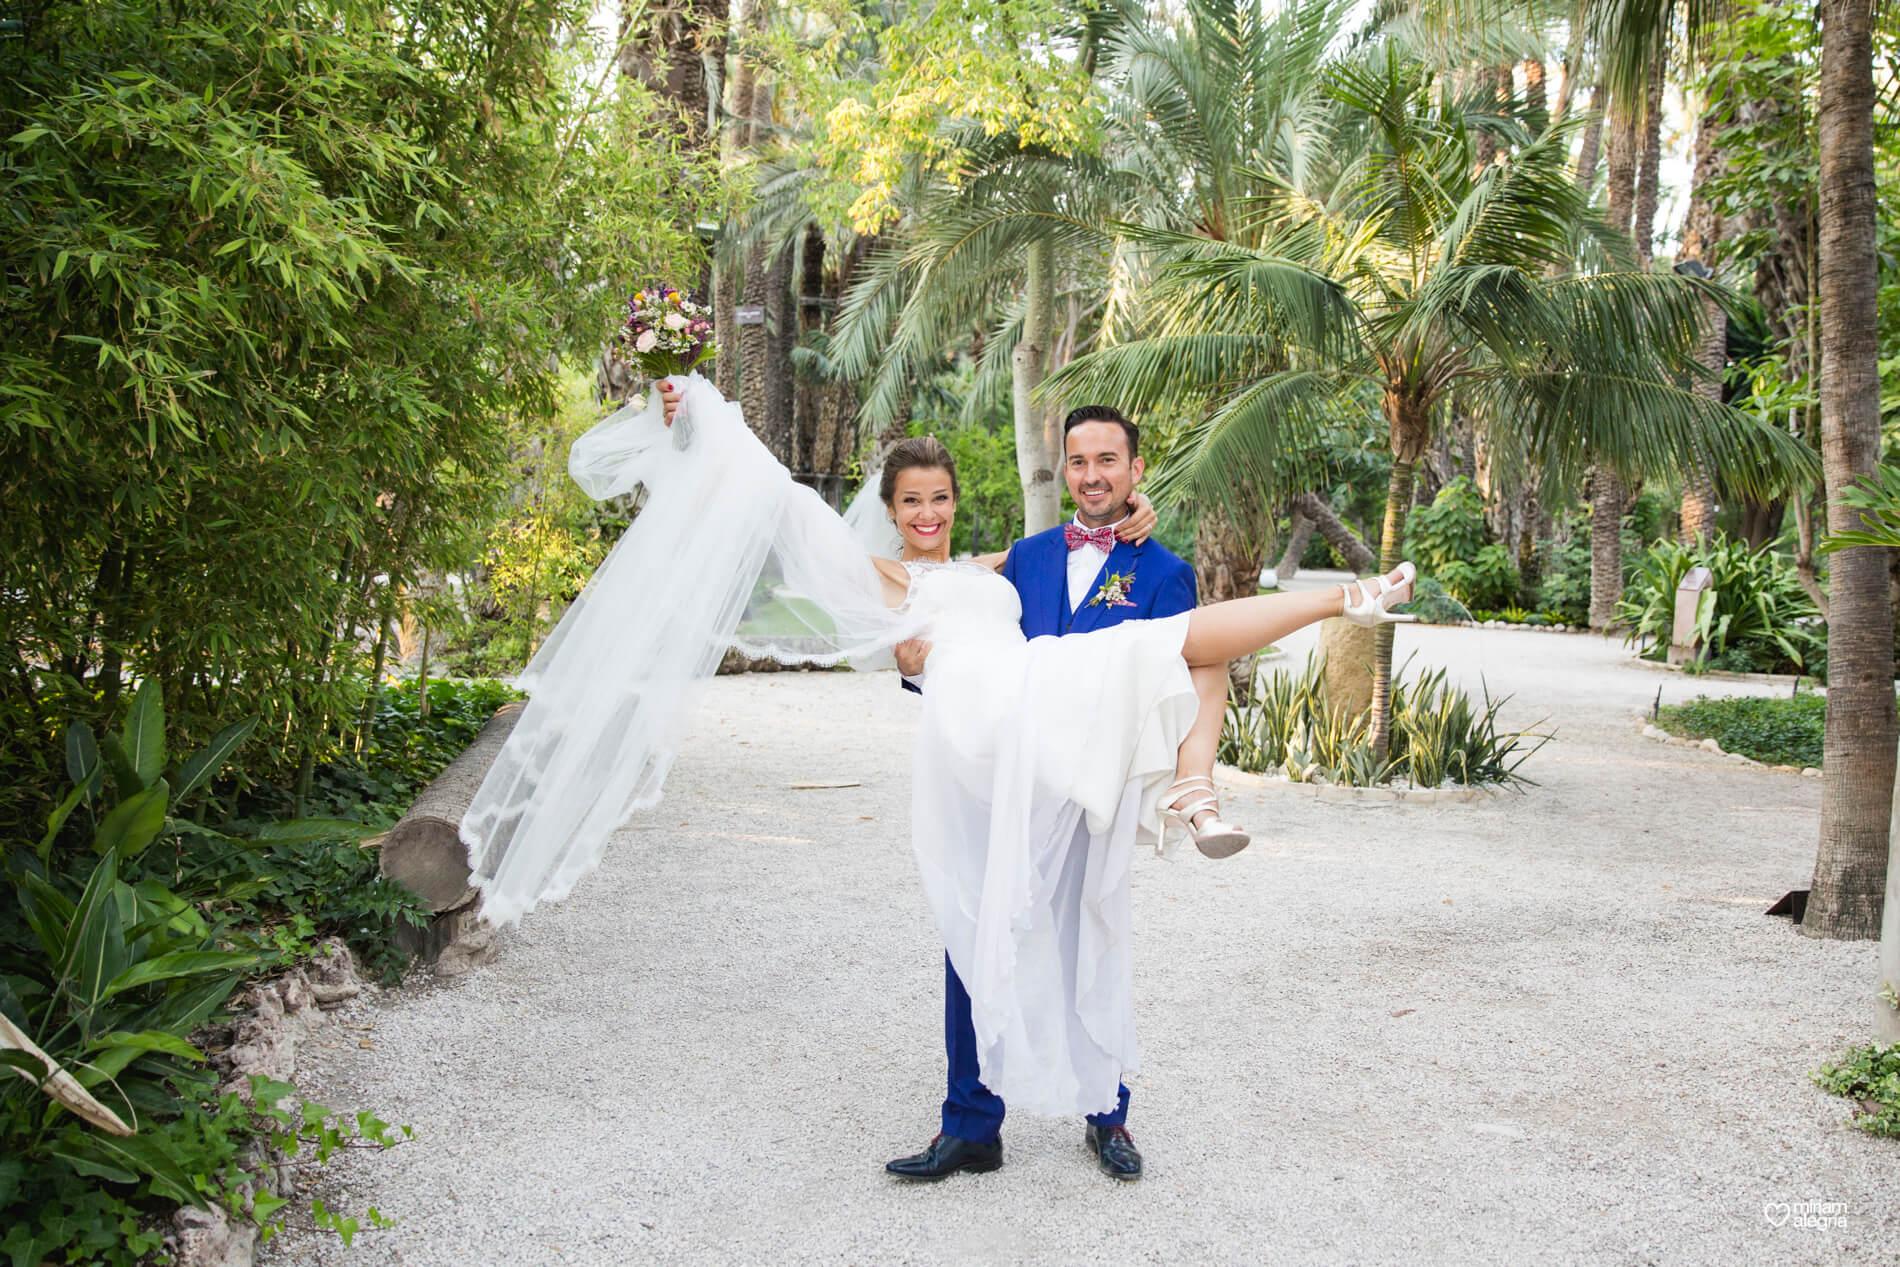 wedding-huerto-del-cura-elche-miriam-alegria-fotografos-boda-44